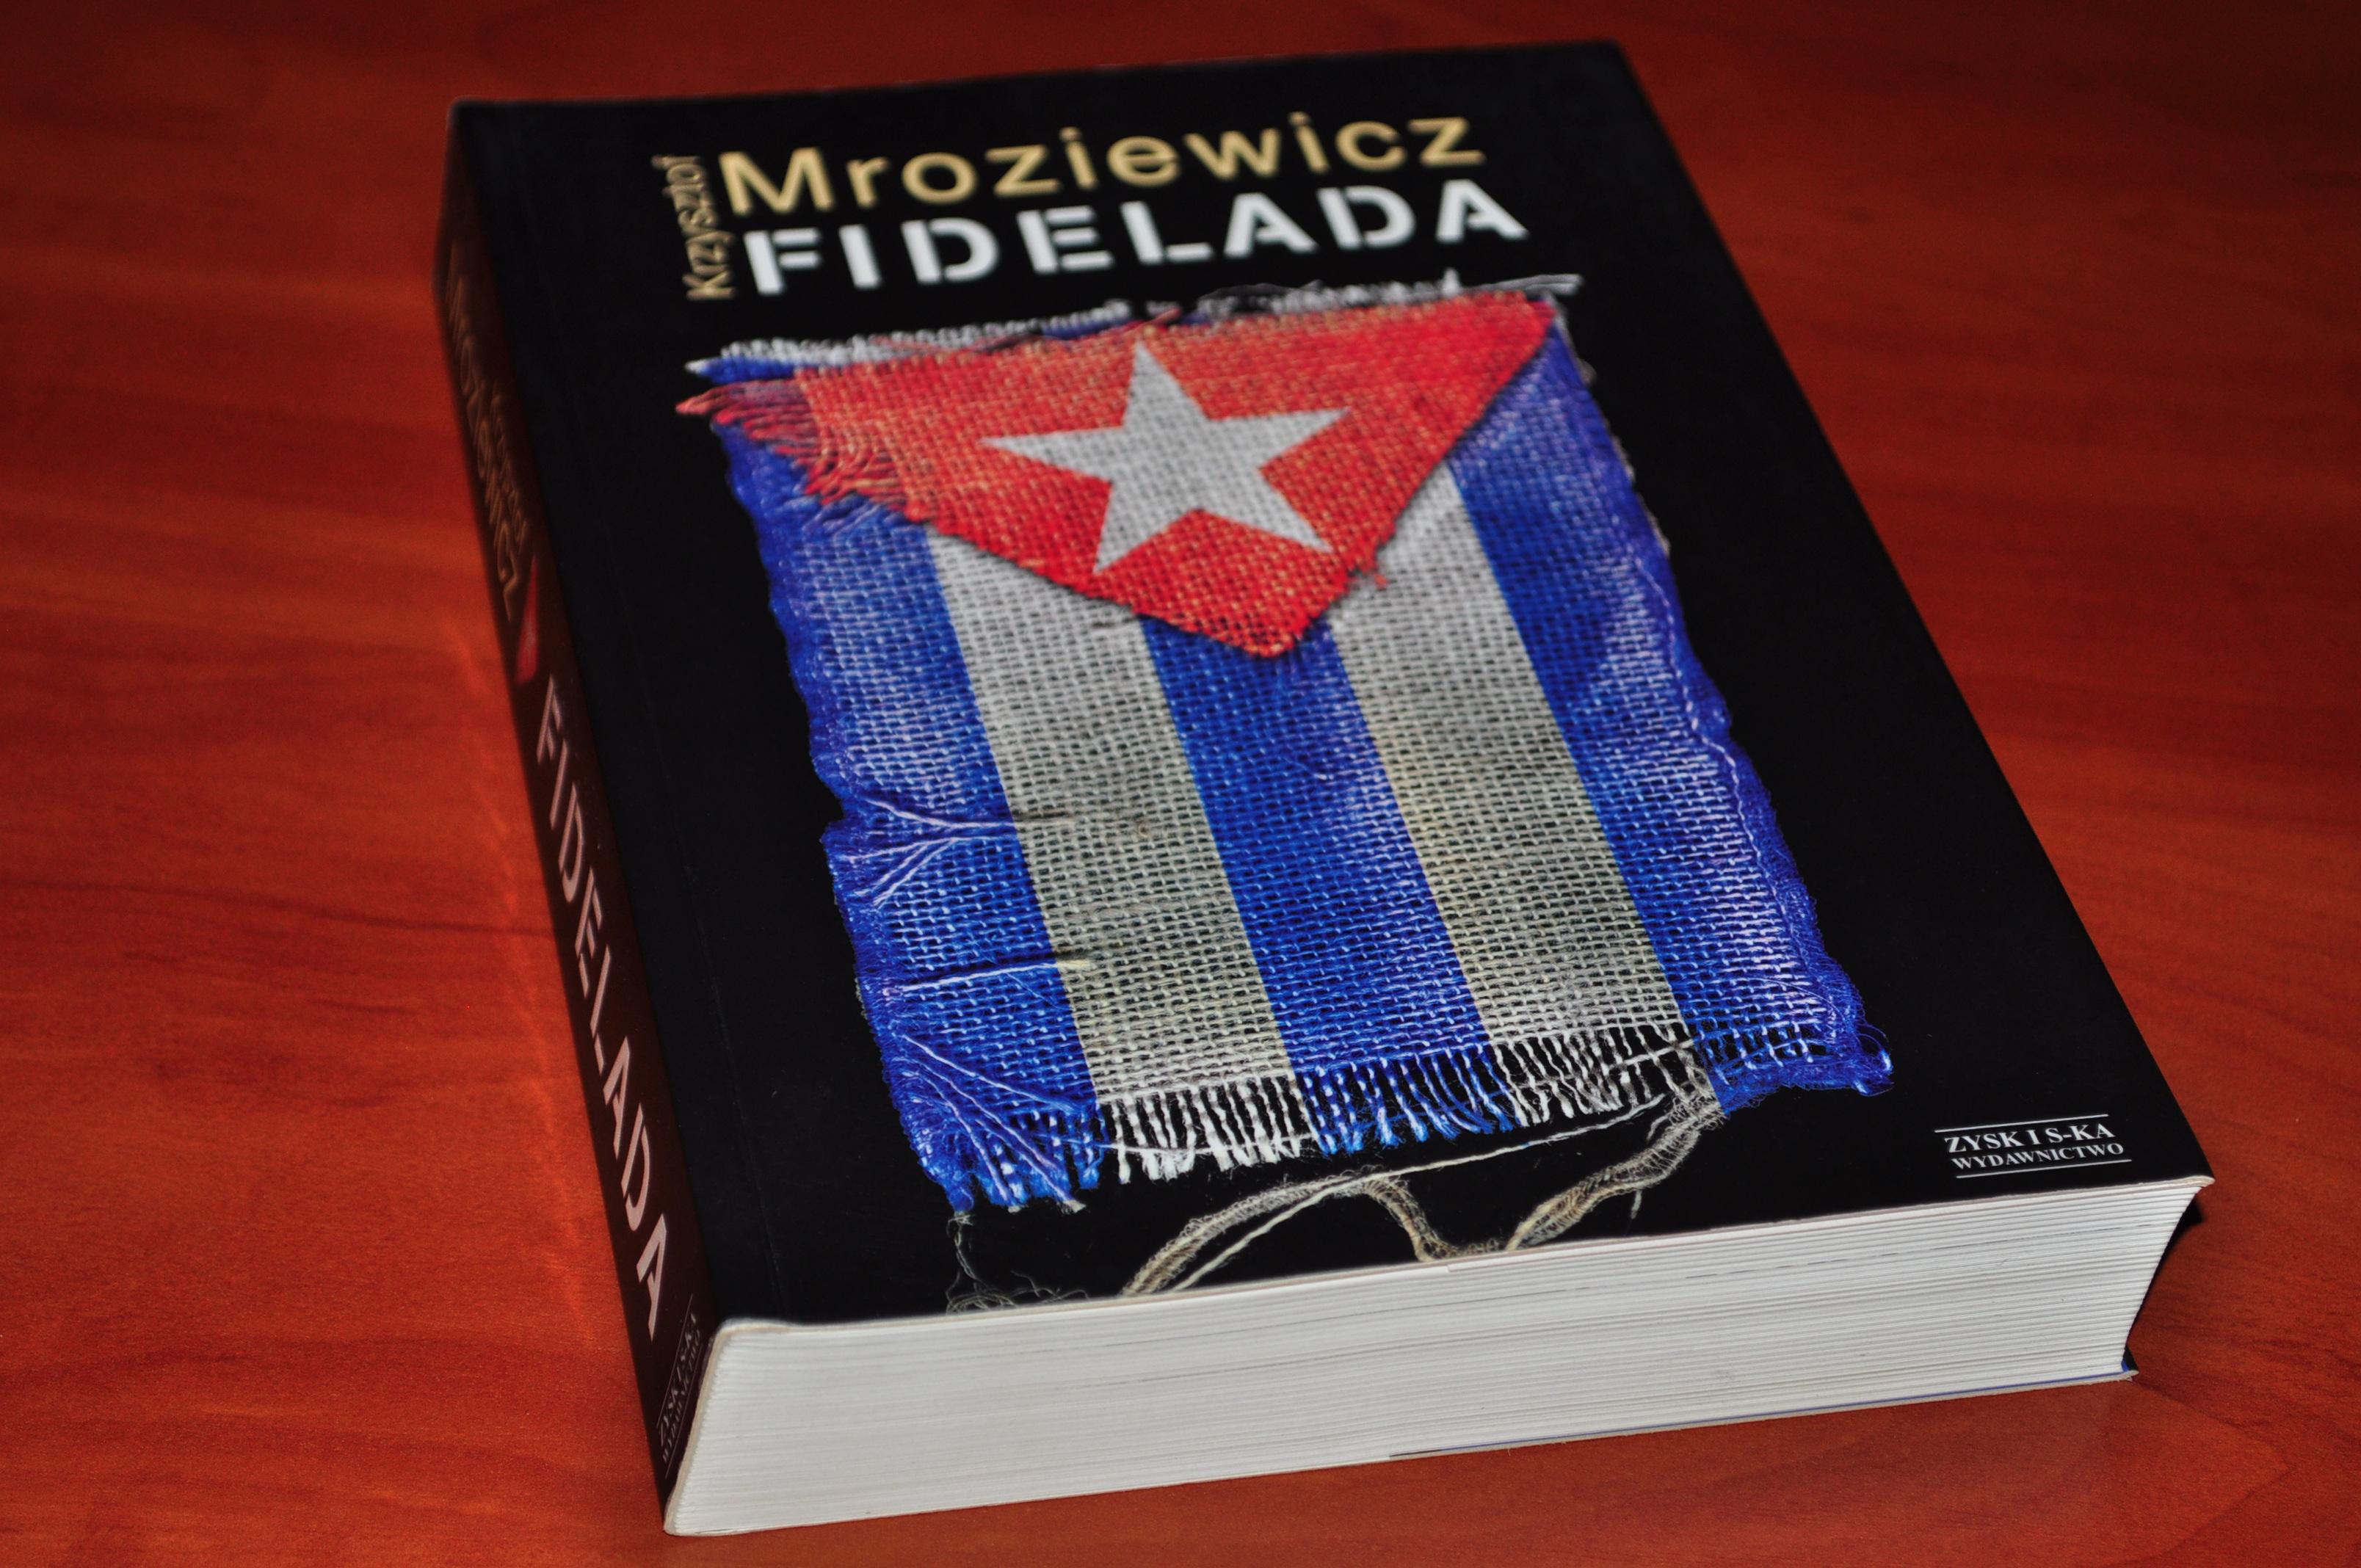 Fidelada Podróż w czasie politycznym Krzysztof Mroziewicz